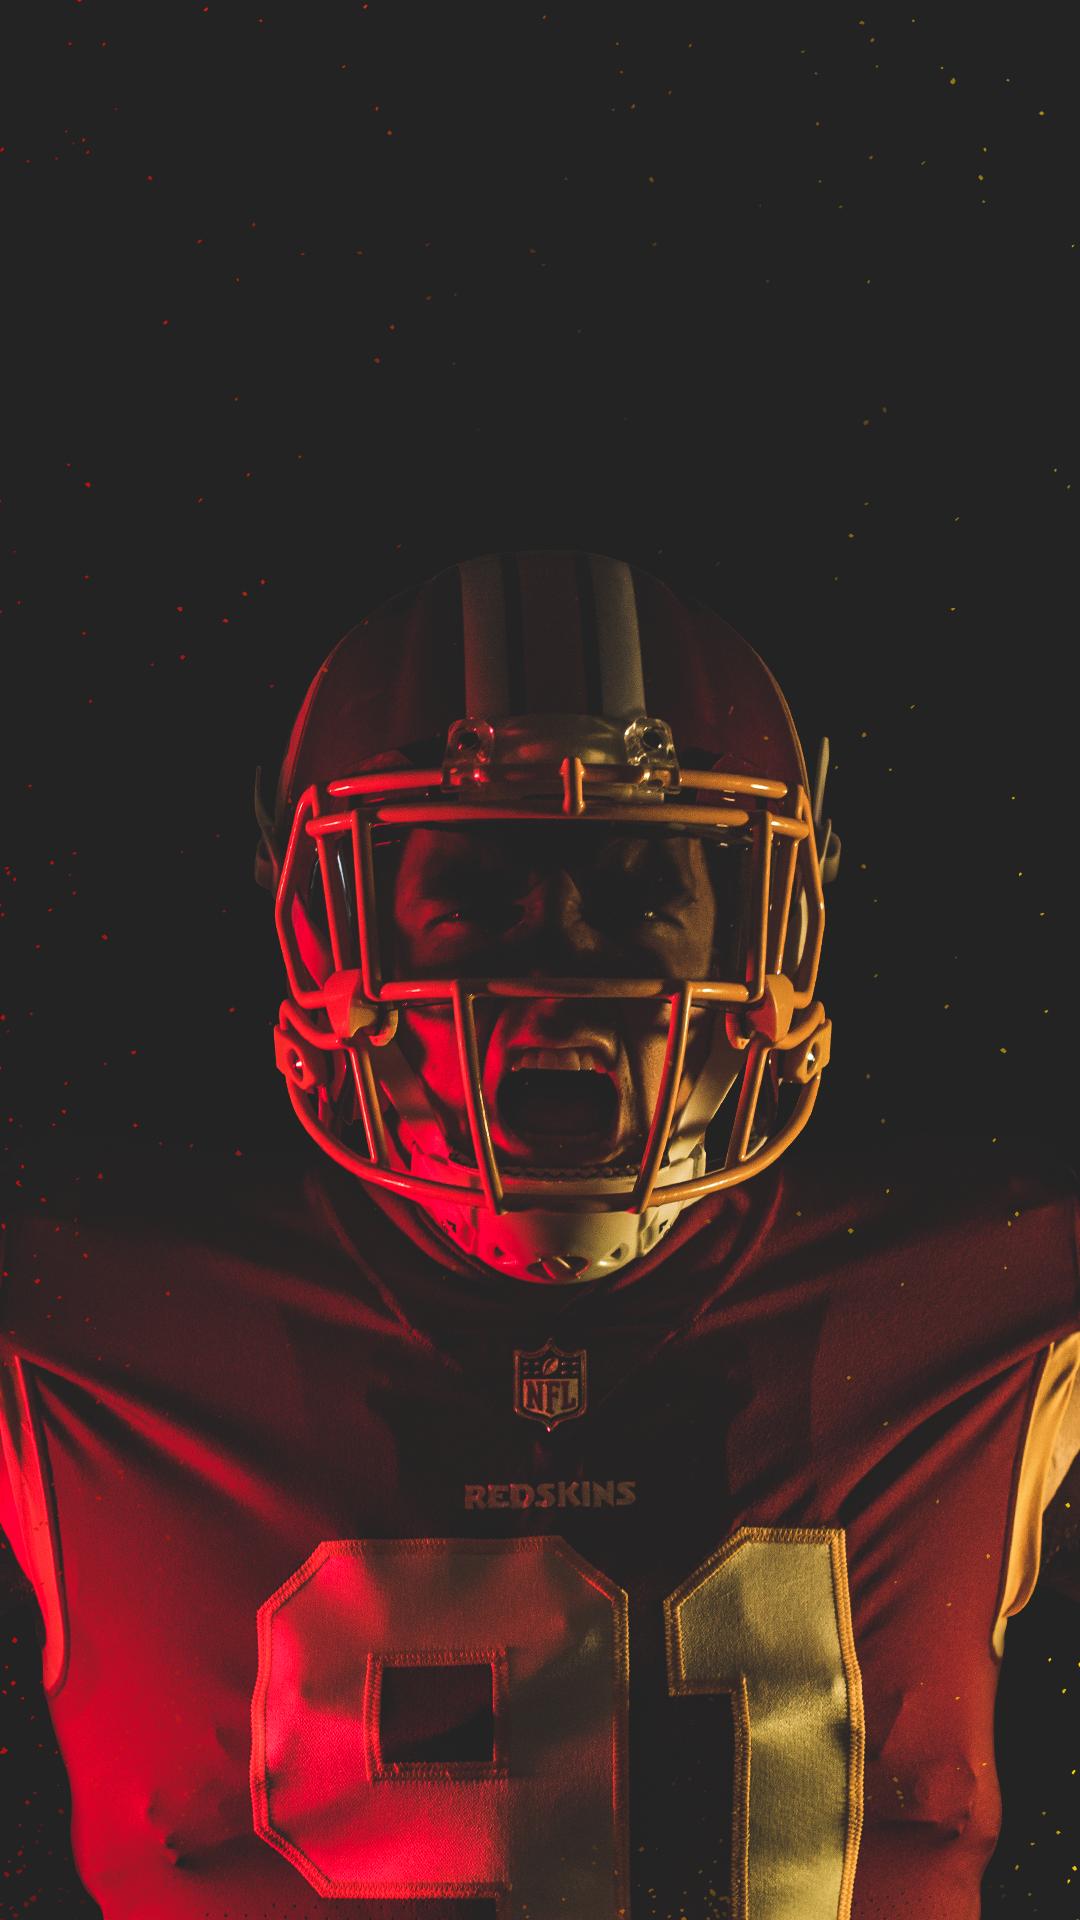 Washington Redskins Wallpapers   Top Washington Redskins 1080x1920